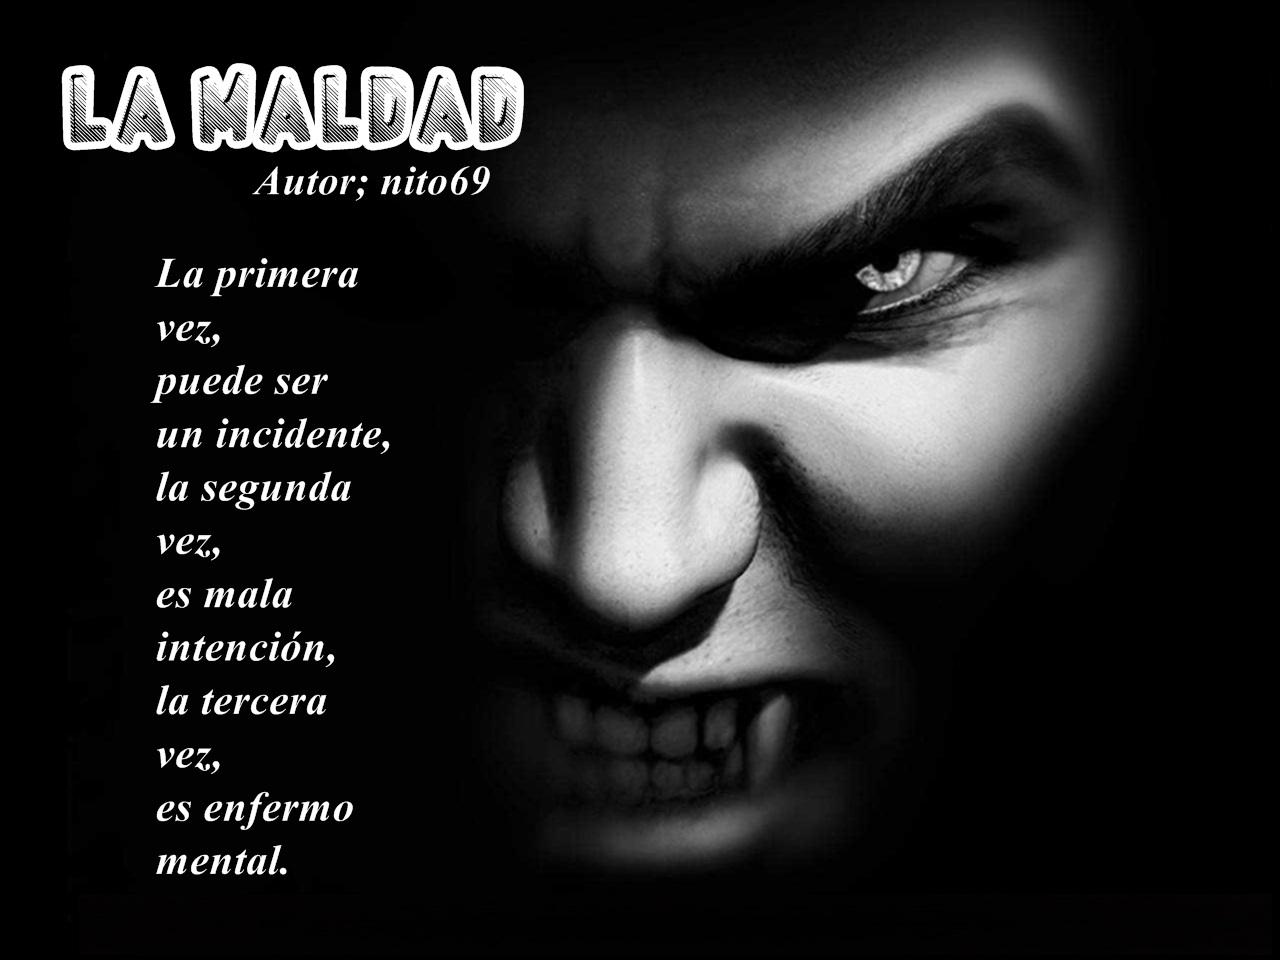 LA MALDAD